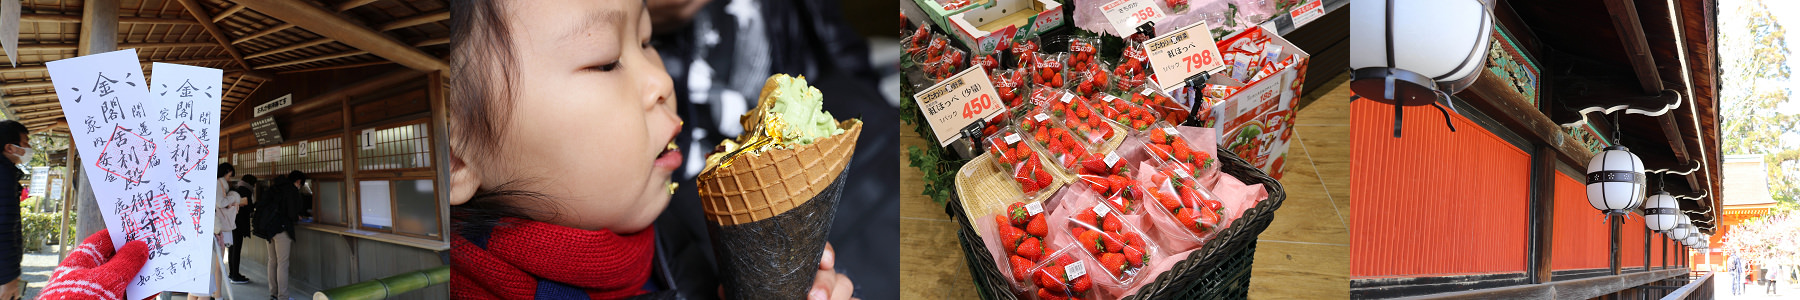 日本關西自由行|大阪京都8天7夜行程:京都4日+大阪3日「機票+住宿 總花費」 @緹雅瑪 美食旅遊趣